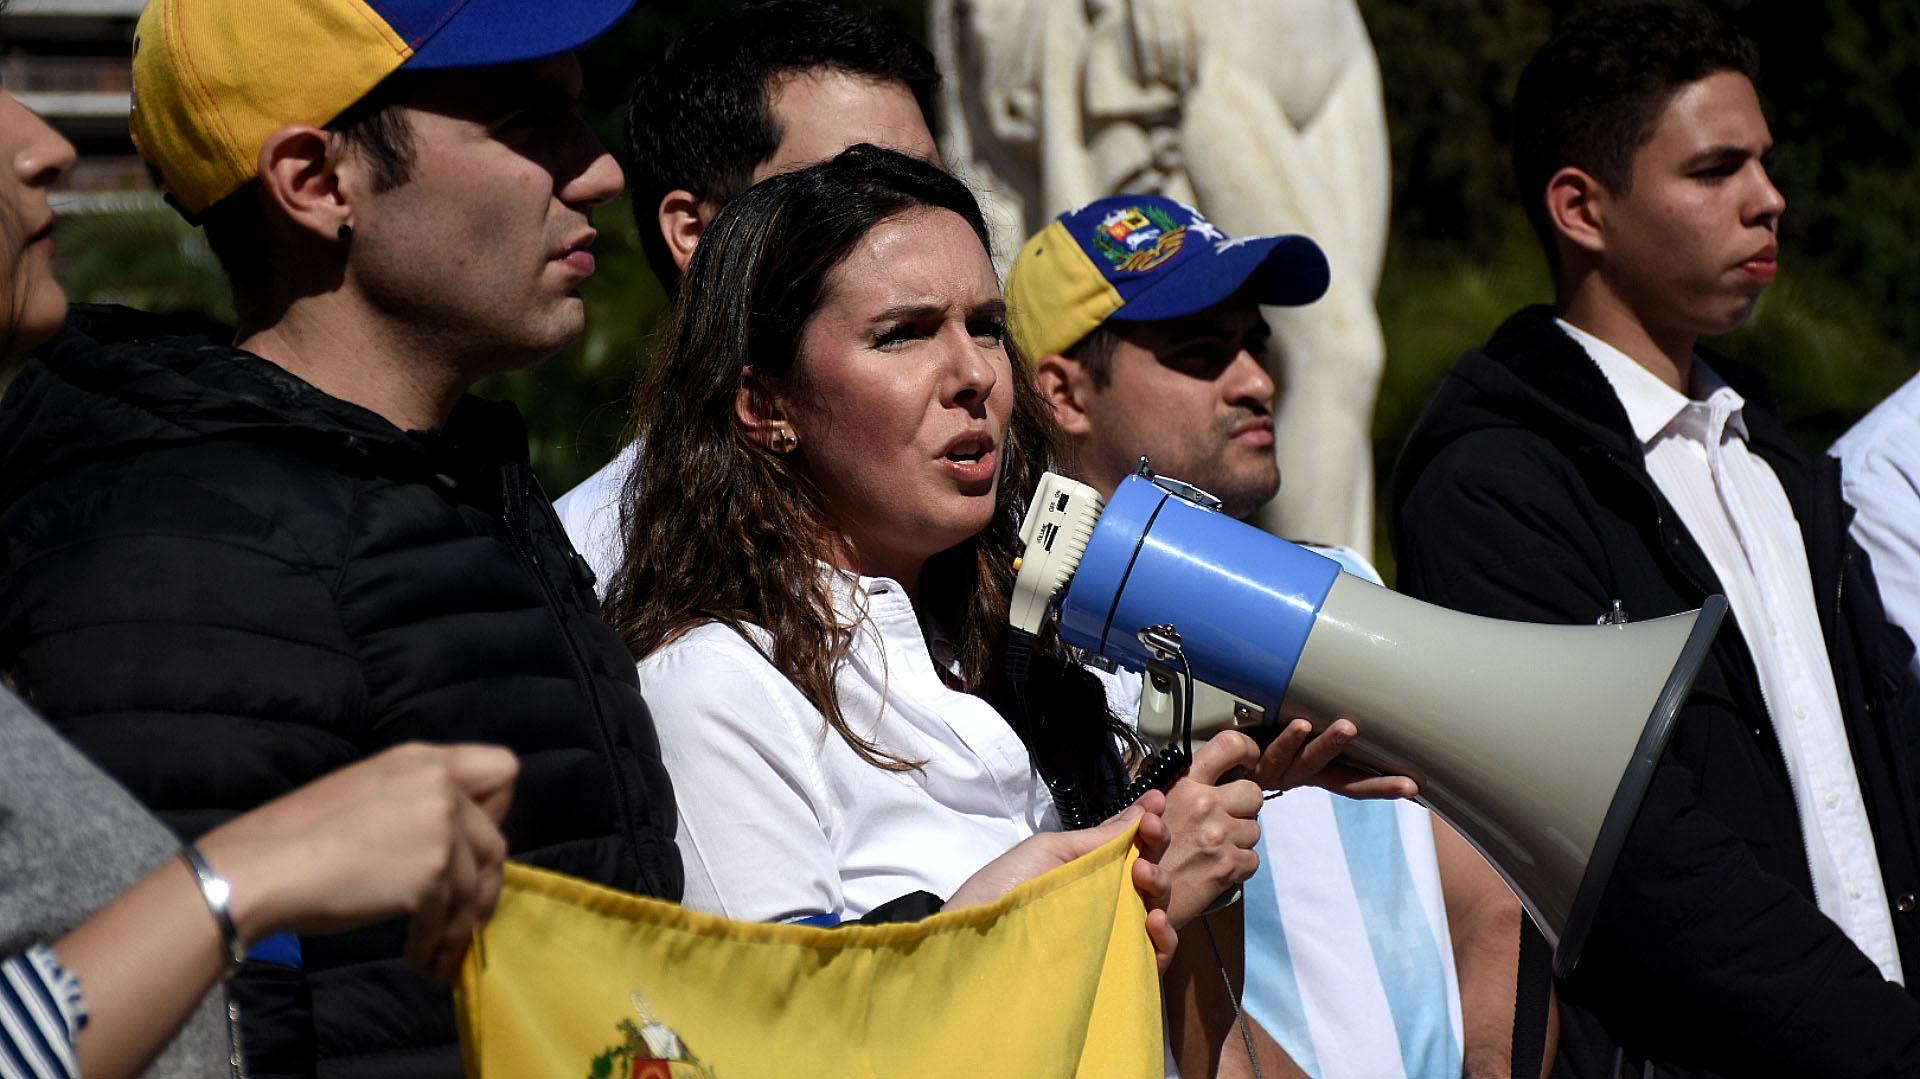 Elisa Trotta, la embajadora venezolana en Argentina nombrada por Guaidó, encabezó la manifestación este miércoles 1 de mayo en Buenos Aires, Argentina